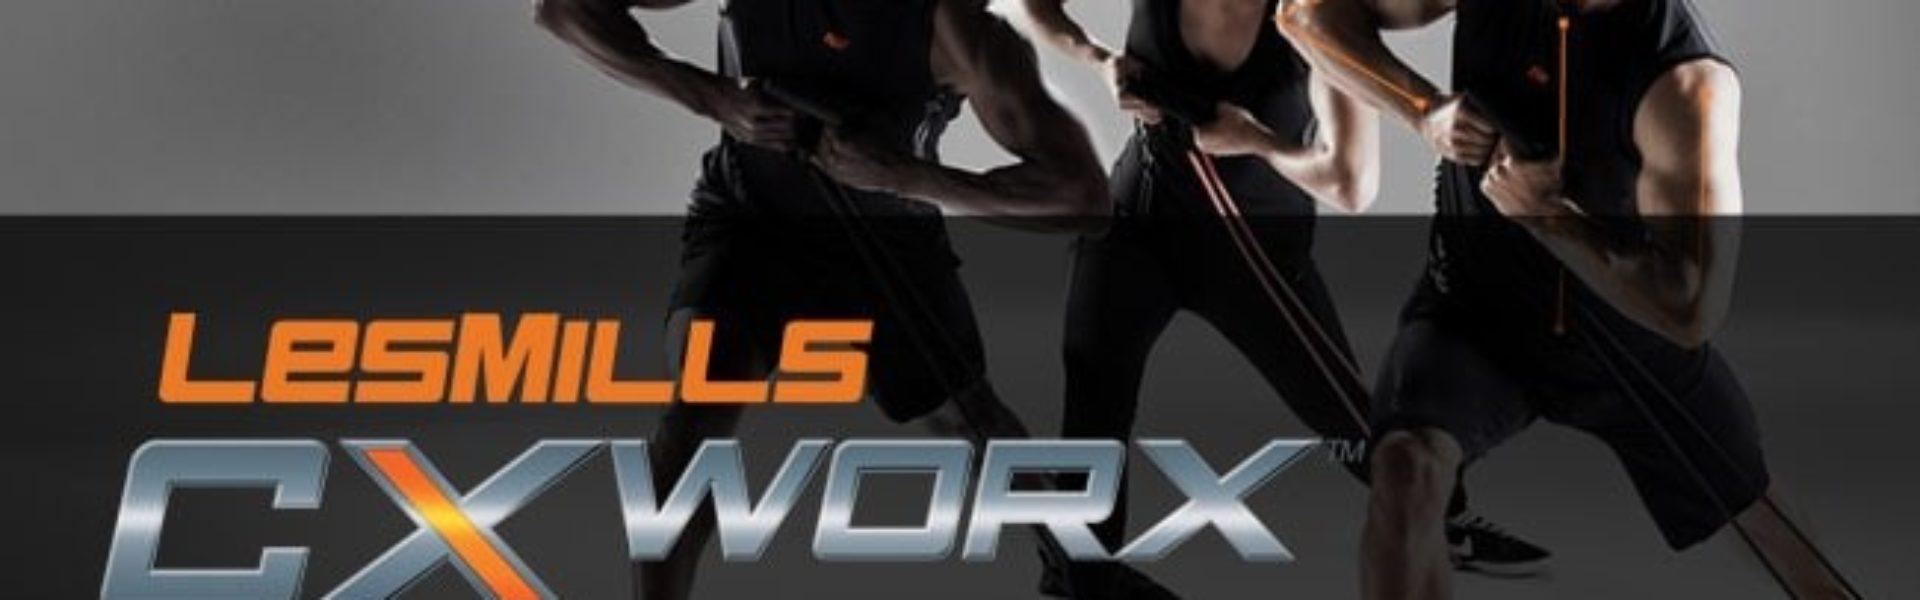 CXWORX™ (Les Mills)